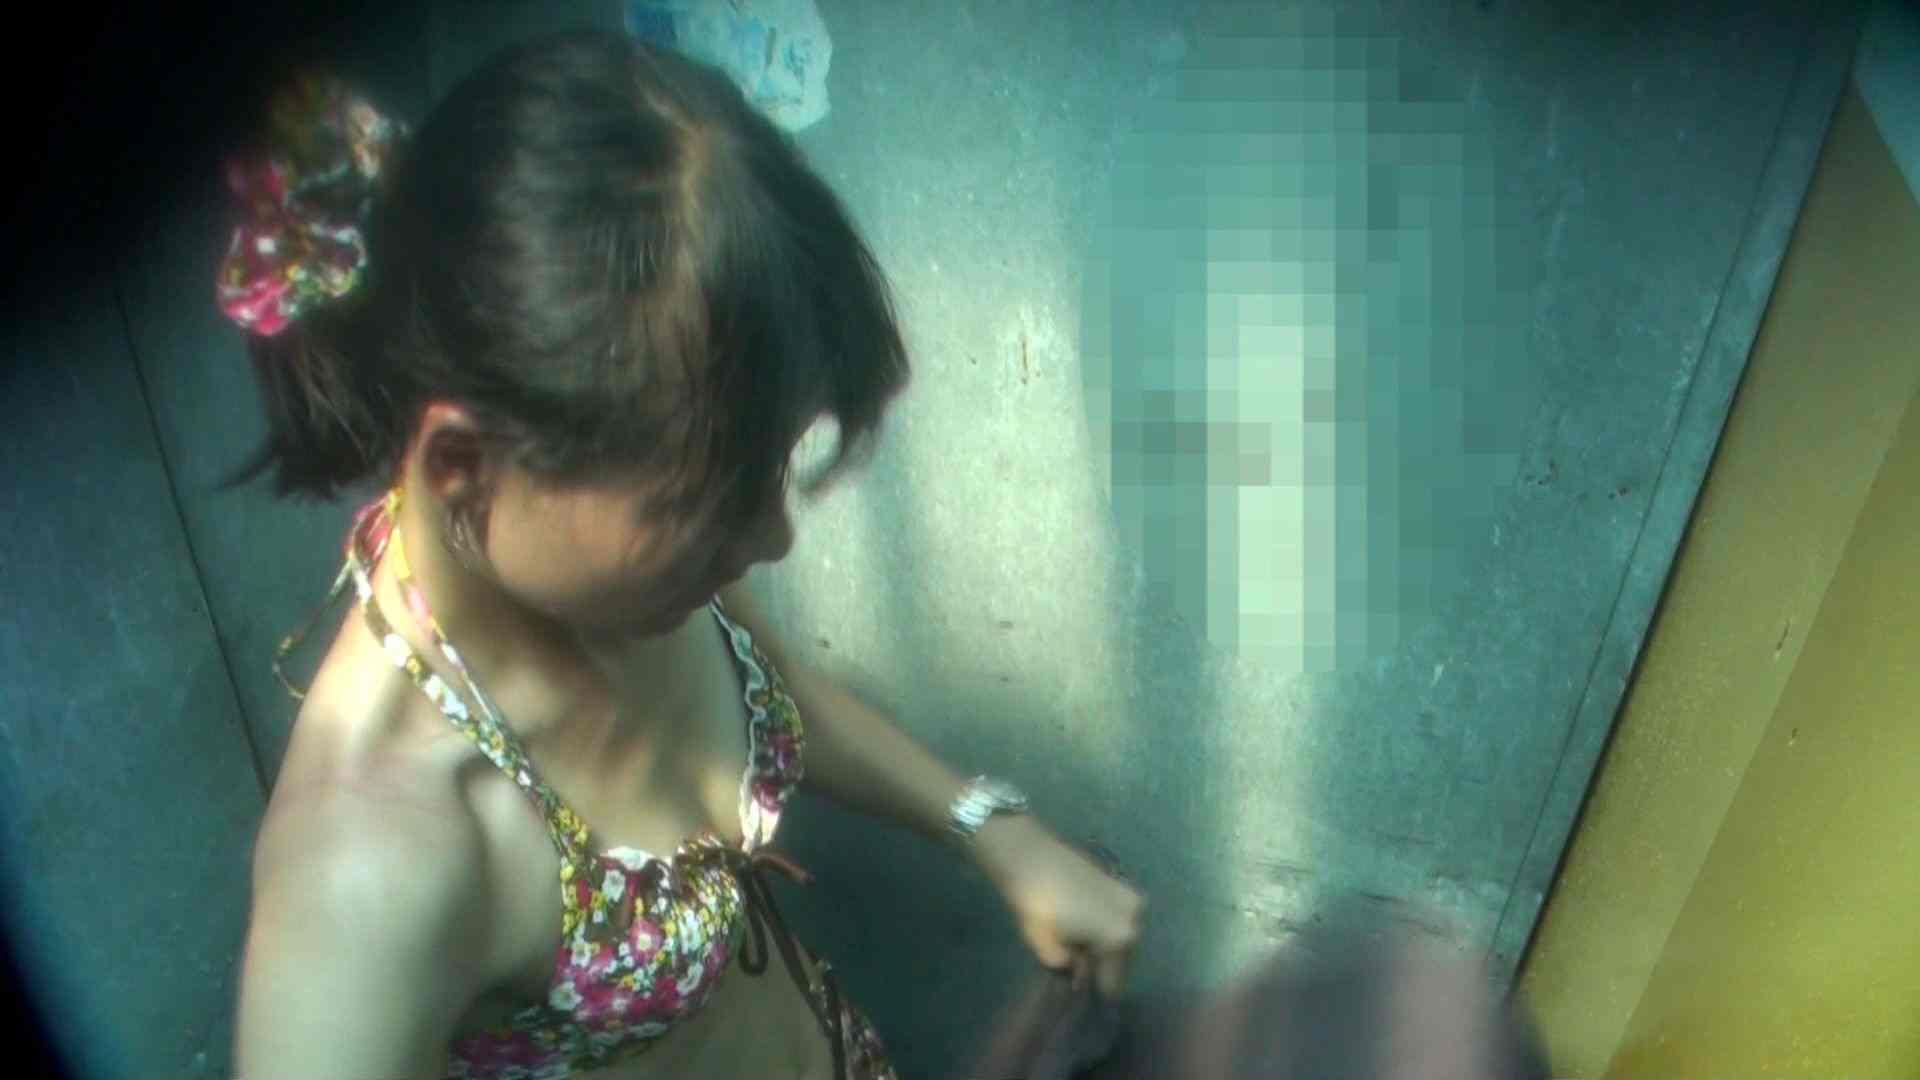 シャワールームは超!!危険な香りVol.16 意外に乳首は年増のそれ チクビ 盗撮画像 105画像 87